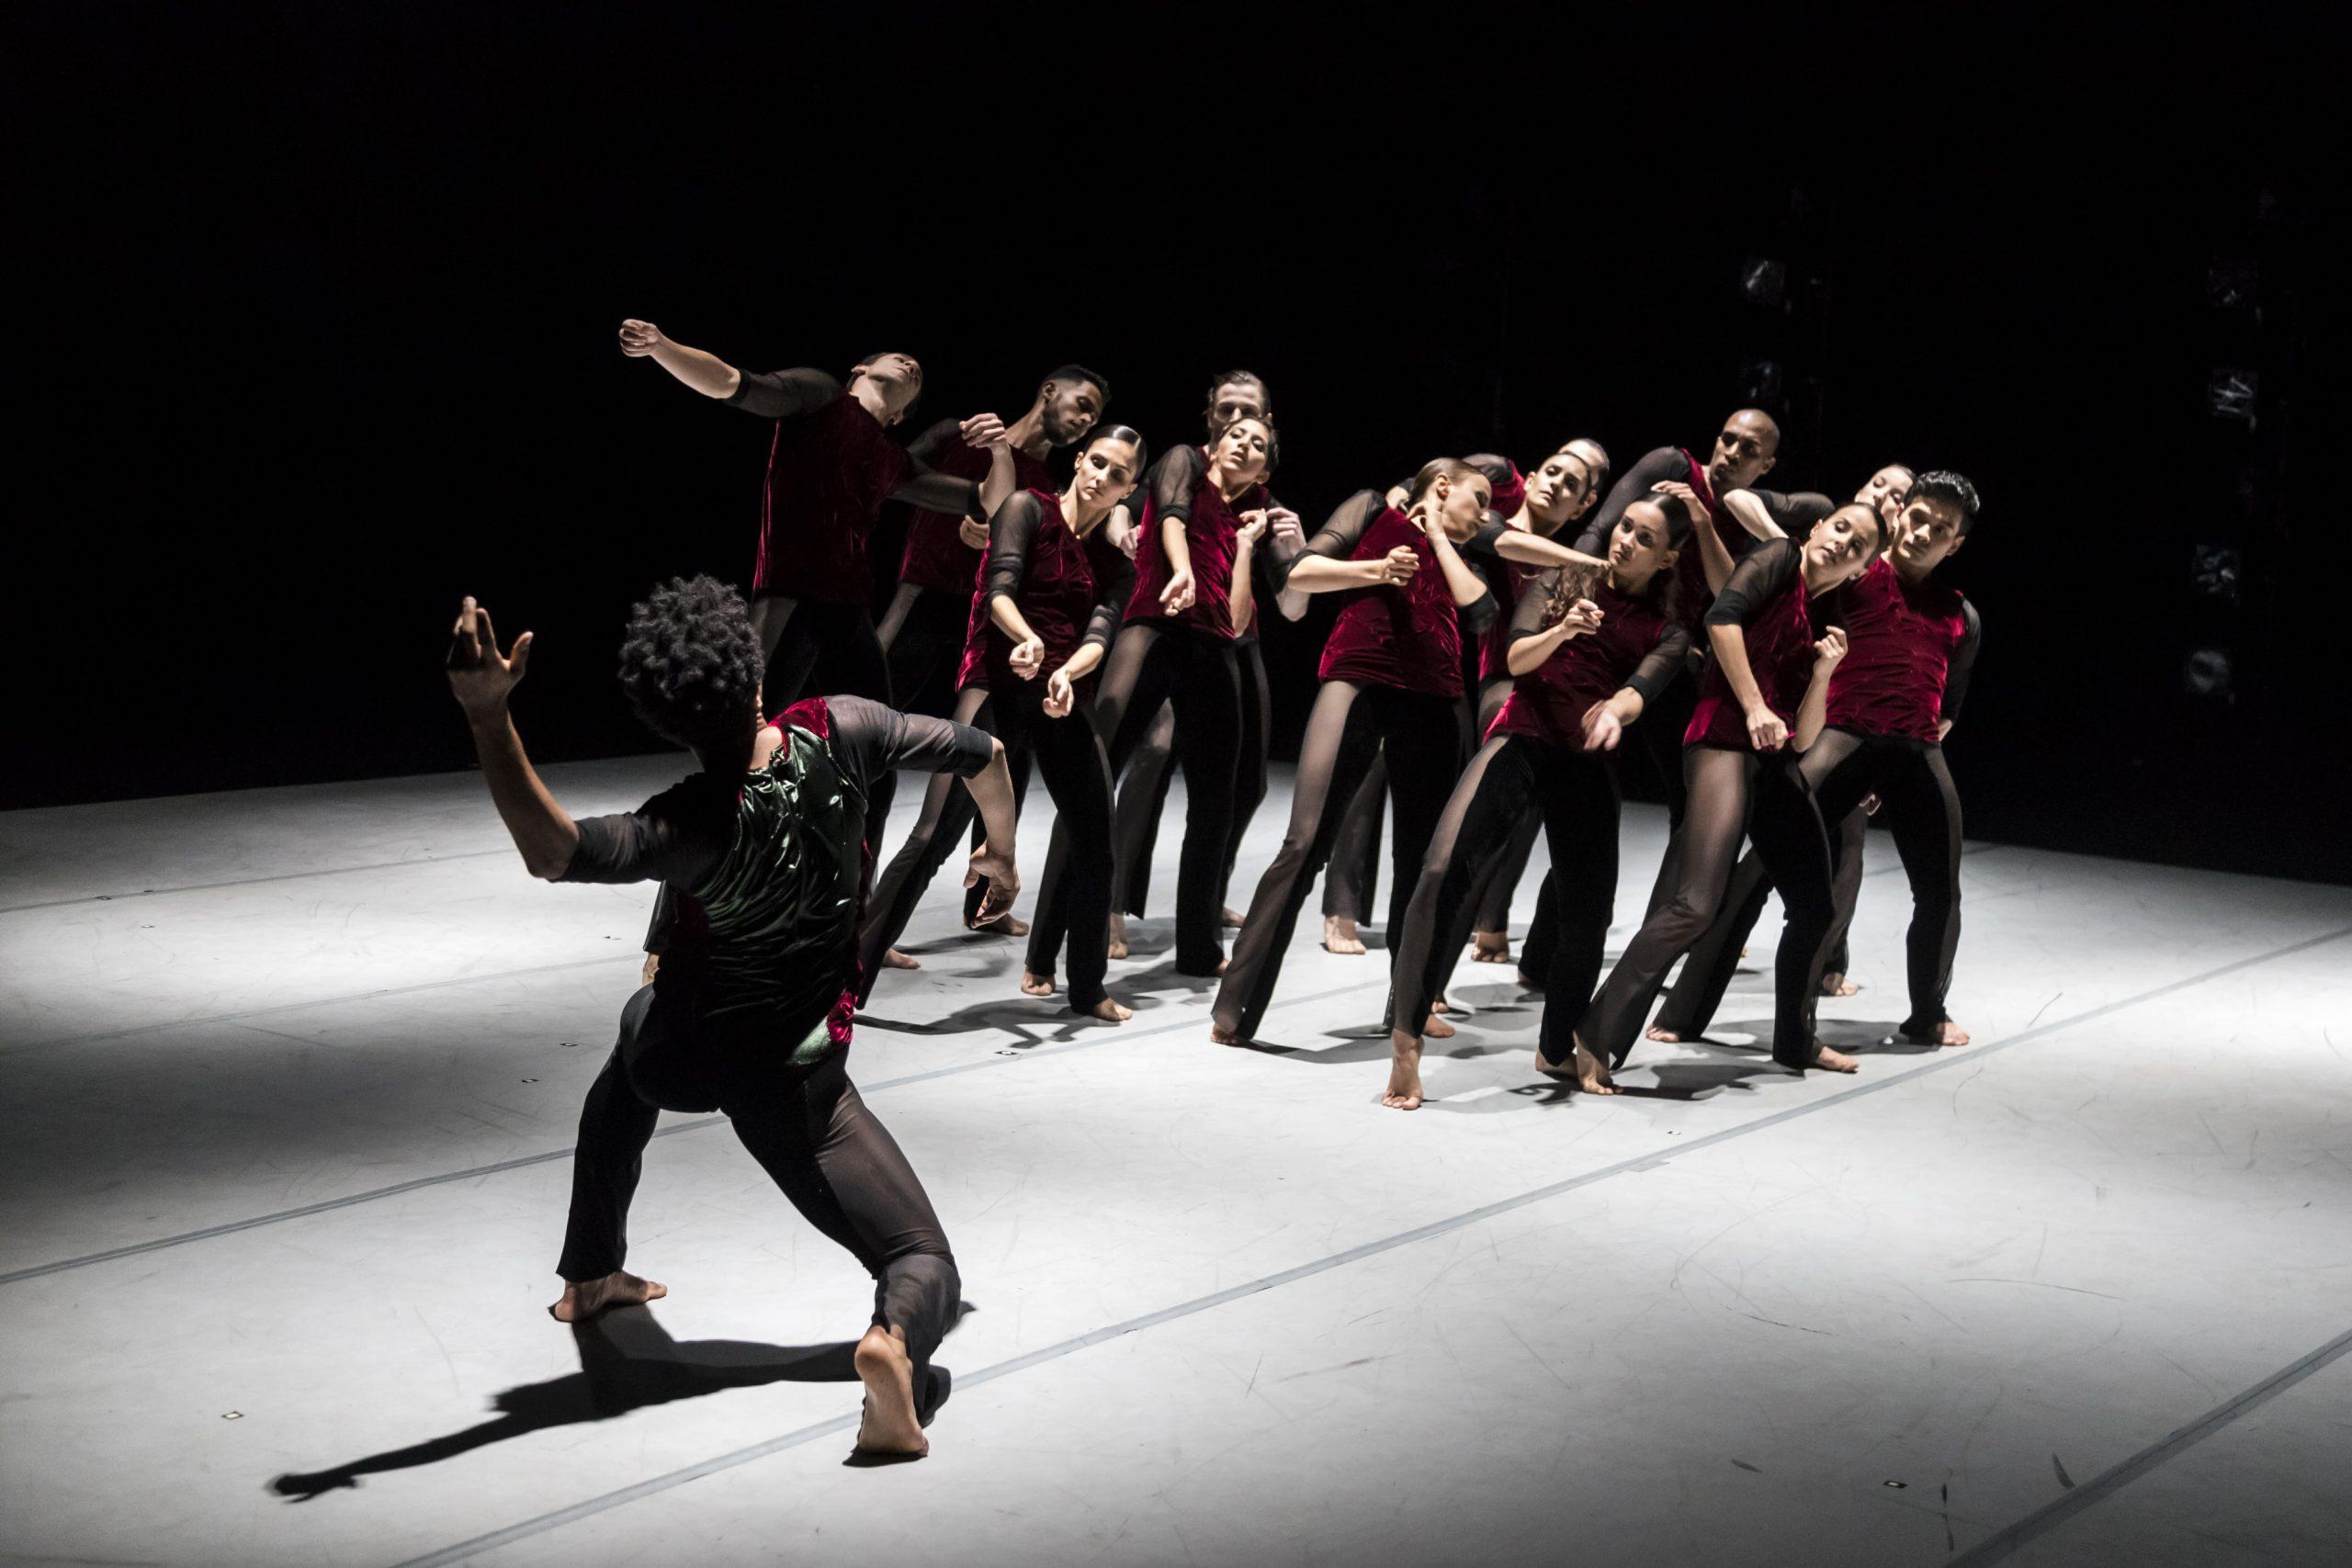 A imagem mostra um grupo de bailarinos dançando sobre um palco. Eles usam uma camiseta vermelha e uma calça preta.